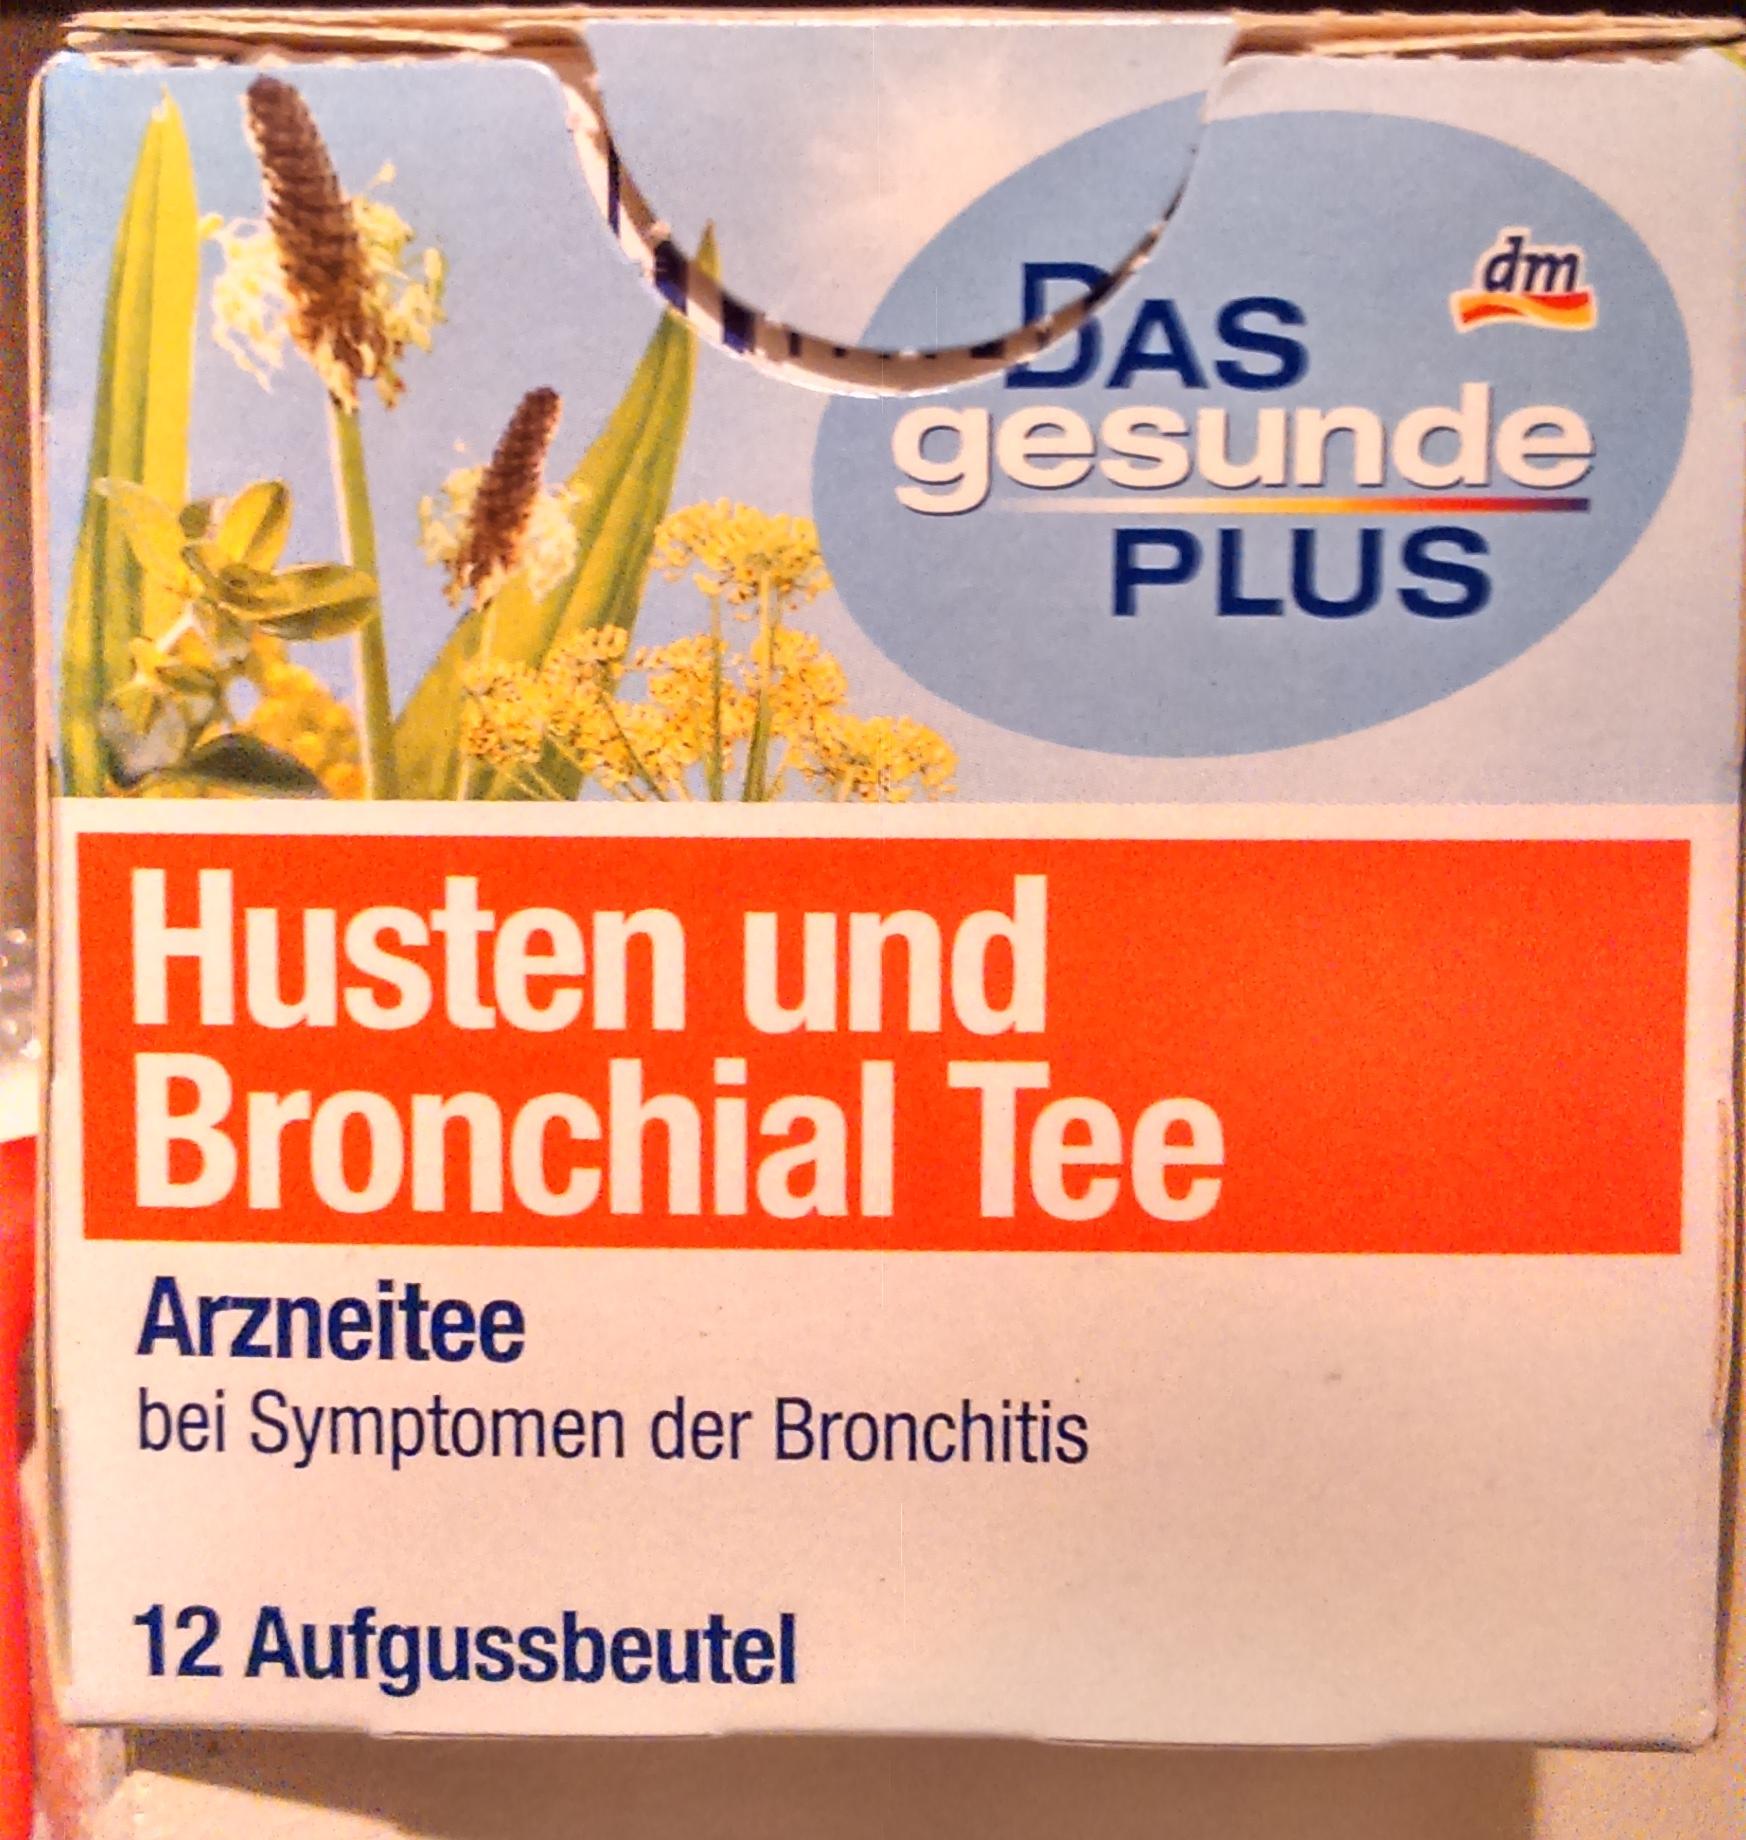 Husten und Bronchial Tee - oder vielleicht doch Husten- und Bronchial-Tee?